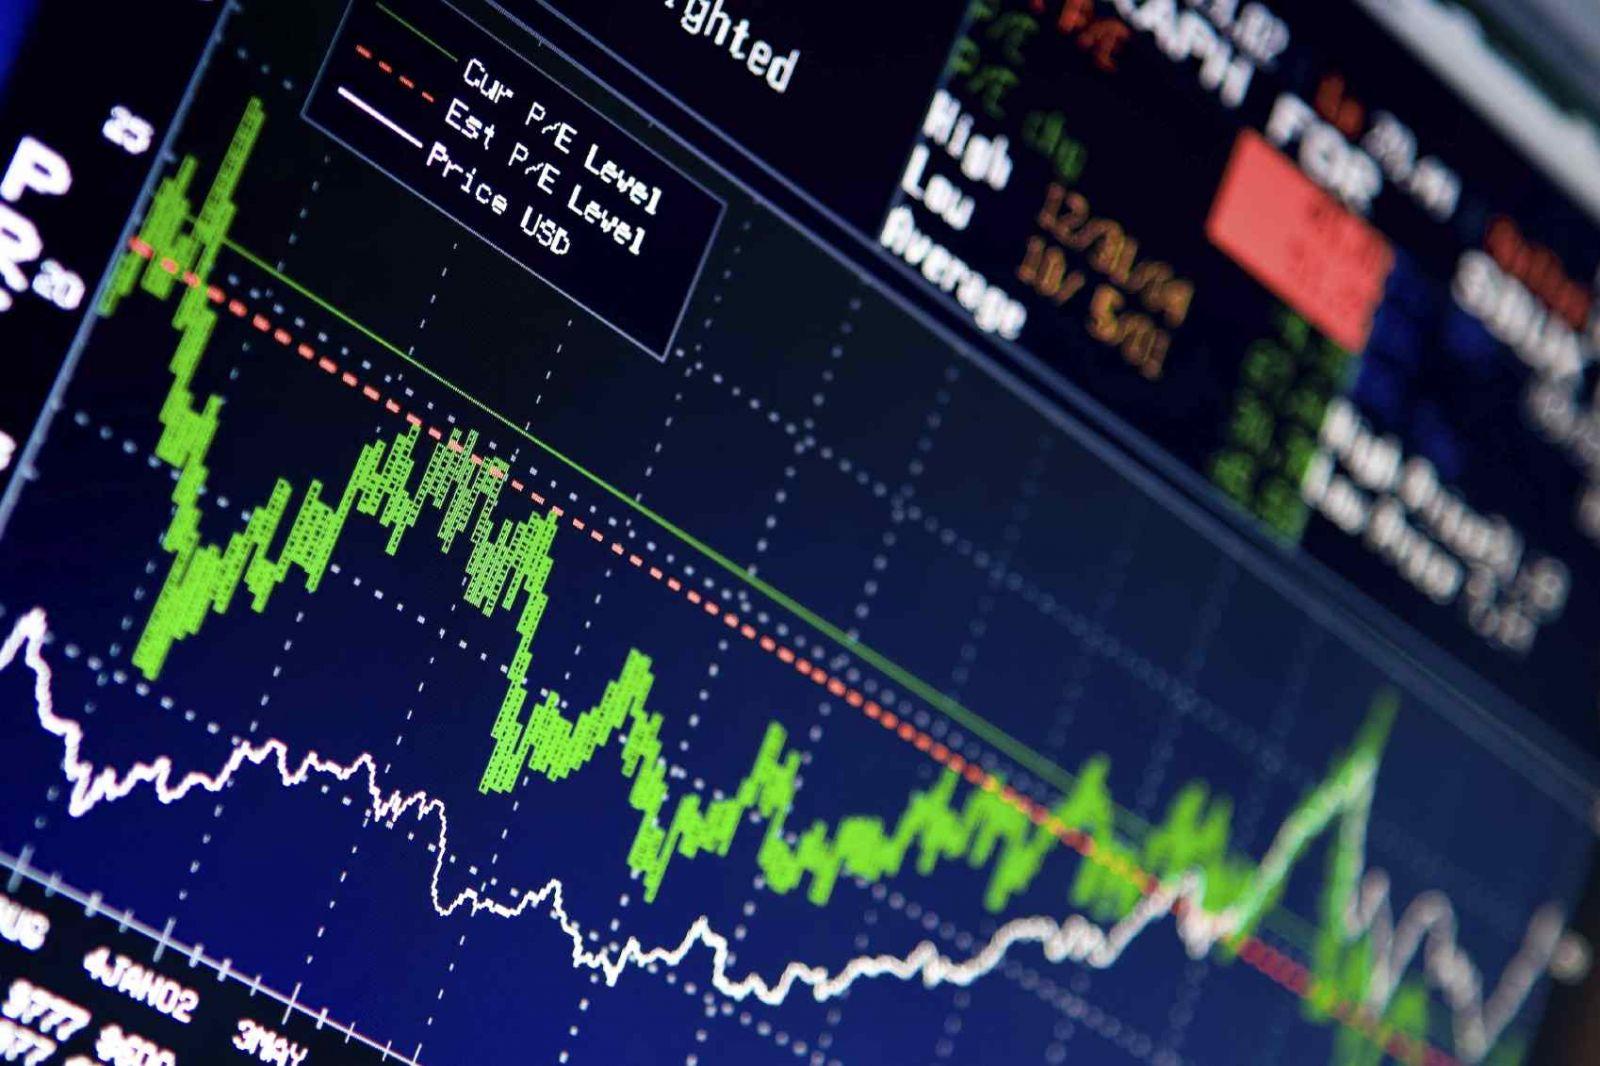 Трейдинг сегодня. Как научиться торговать в 2015?